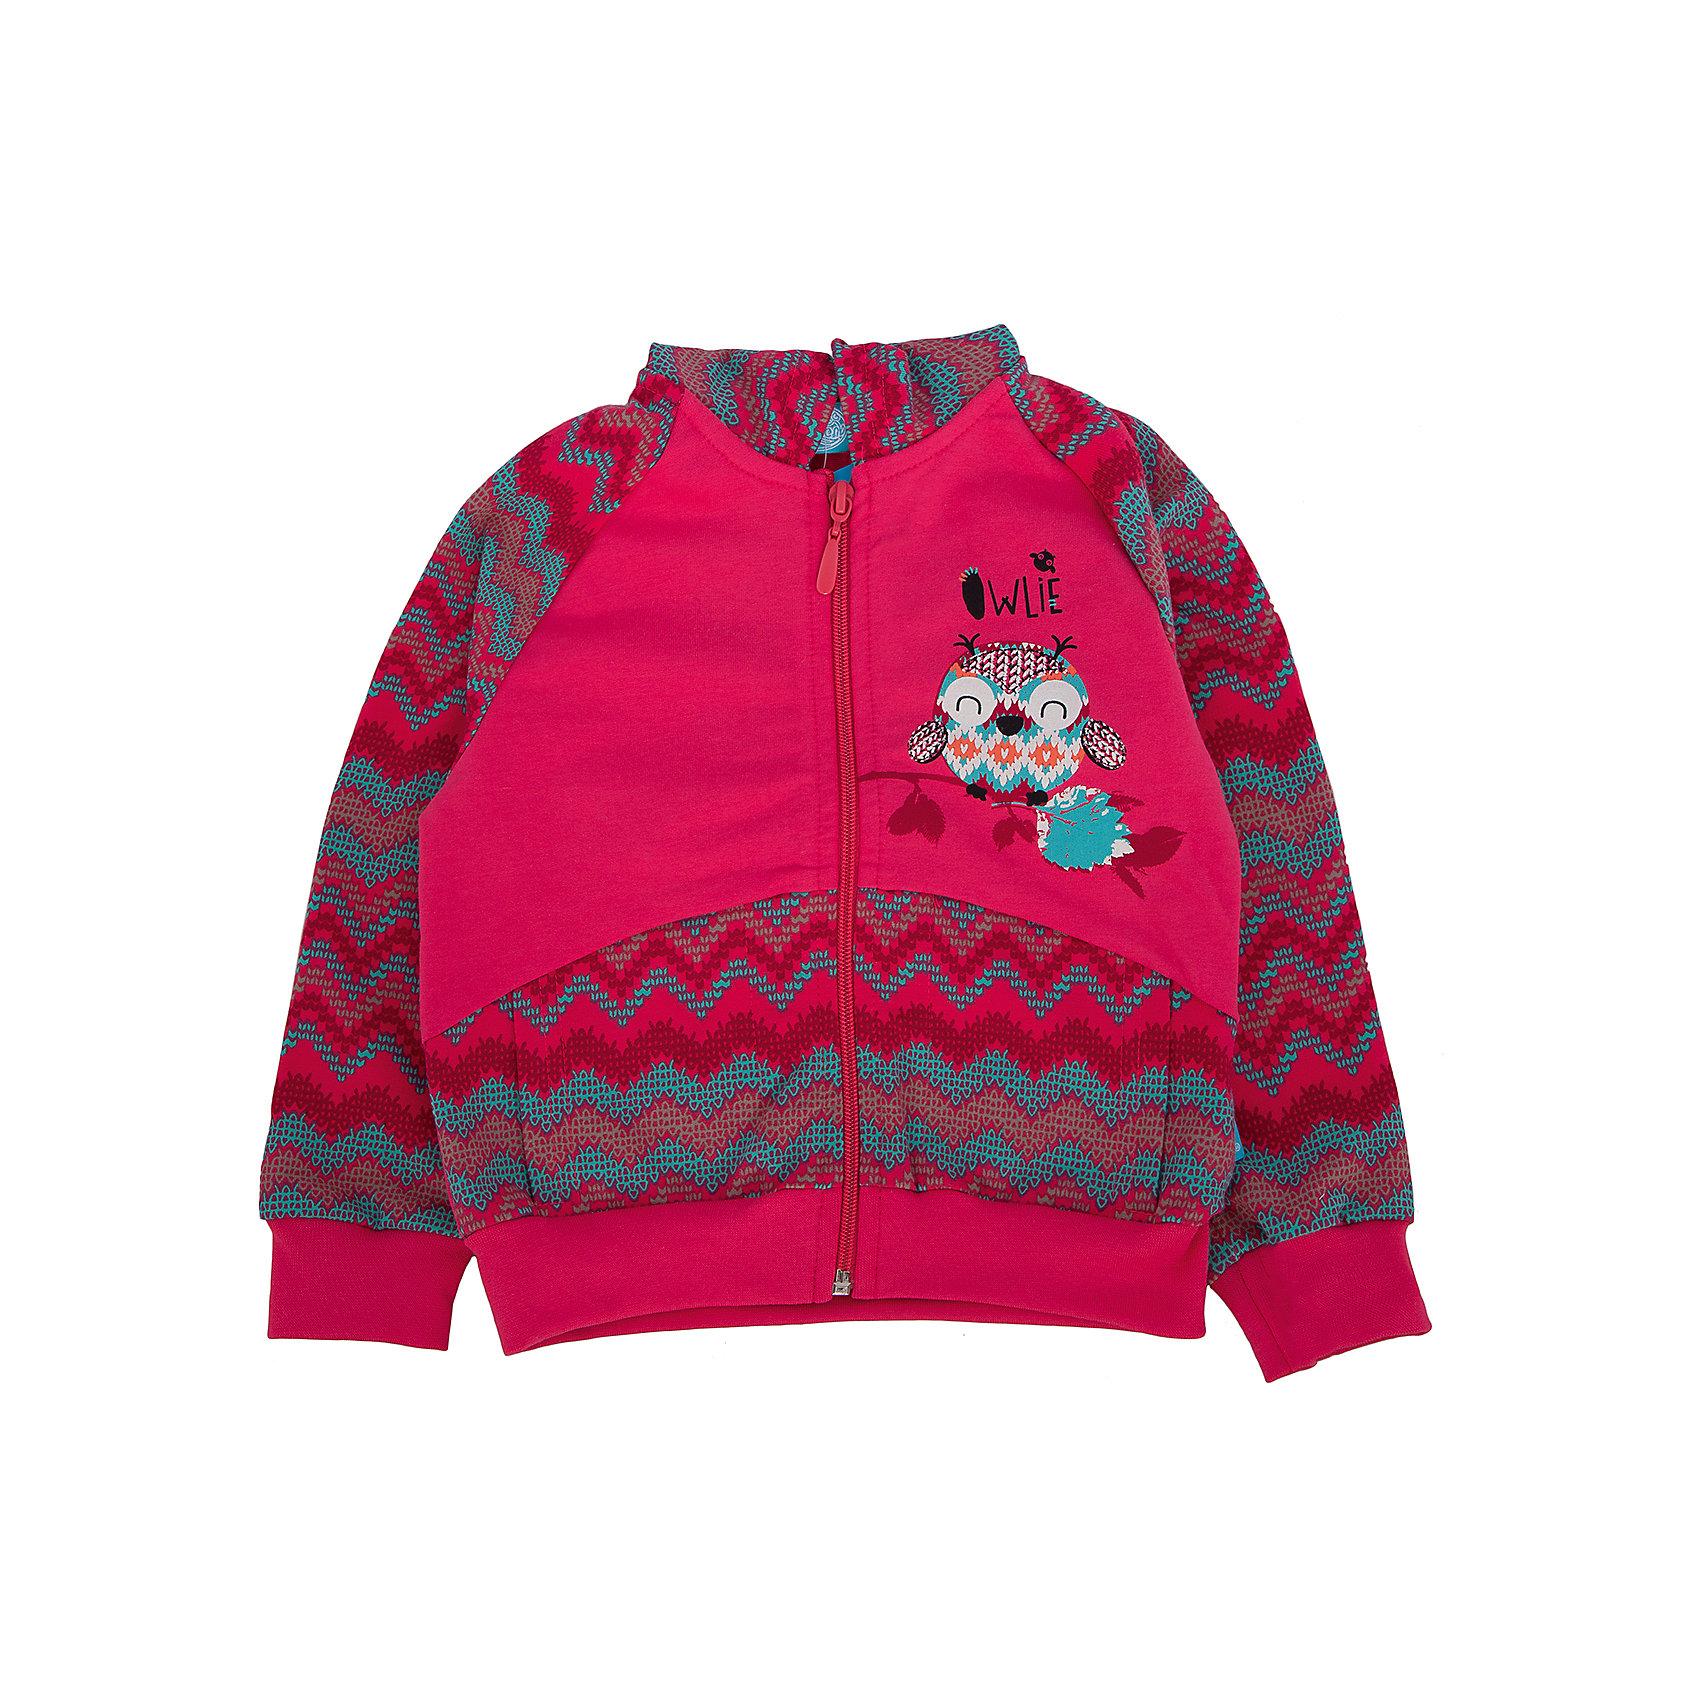 Куртка для девочки АпрельКуртка Апрель<br>Стильная куртка с капюшоном коллекции «Веселые совы» от бренда Апрель - идеальный вариант одежды на каждый день в прохладное время года. Куртка застегивается спереди на молнию. Она сшита из натуральной хлопчатобумажной ткани – футер. Футер - это удивительно комфортная гладкая с внешней стороны, мягкая и нежная - с внутренней стороны ткань. Небольшое добавление лайкры оберегает изделие от образования складок. Куртка отлично прилегает к телу, хорошо тянется и не деформируется во время стирки.<br><br>Дополнительная информация:<br><br>- Цвет: яркий коралл<br>- Ткань: футер<br>- Состав: 95% хлопок, 5% лайкра<br><br>Куртку Апрель можно купить в нашем интернет-магазине.<br><br>Ширина мм: 215<br>Глубина мм: 88<br>Высота мм: 191<br>Вес г: 336<br>Цвет: коралловый<br>Возраст от месяцев: 36<br>Возраст до месяцев: 48<br>Пол: Женский<br>Возраст: Детский<br>Размер: 104,128,92,98,110,116,122<br>SKU: 4726474